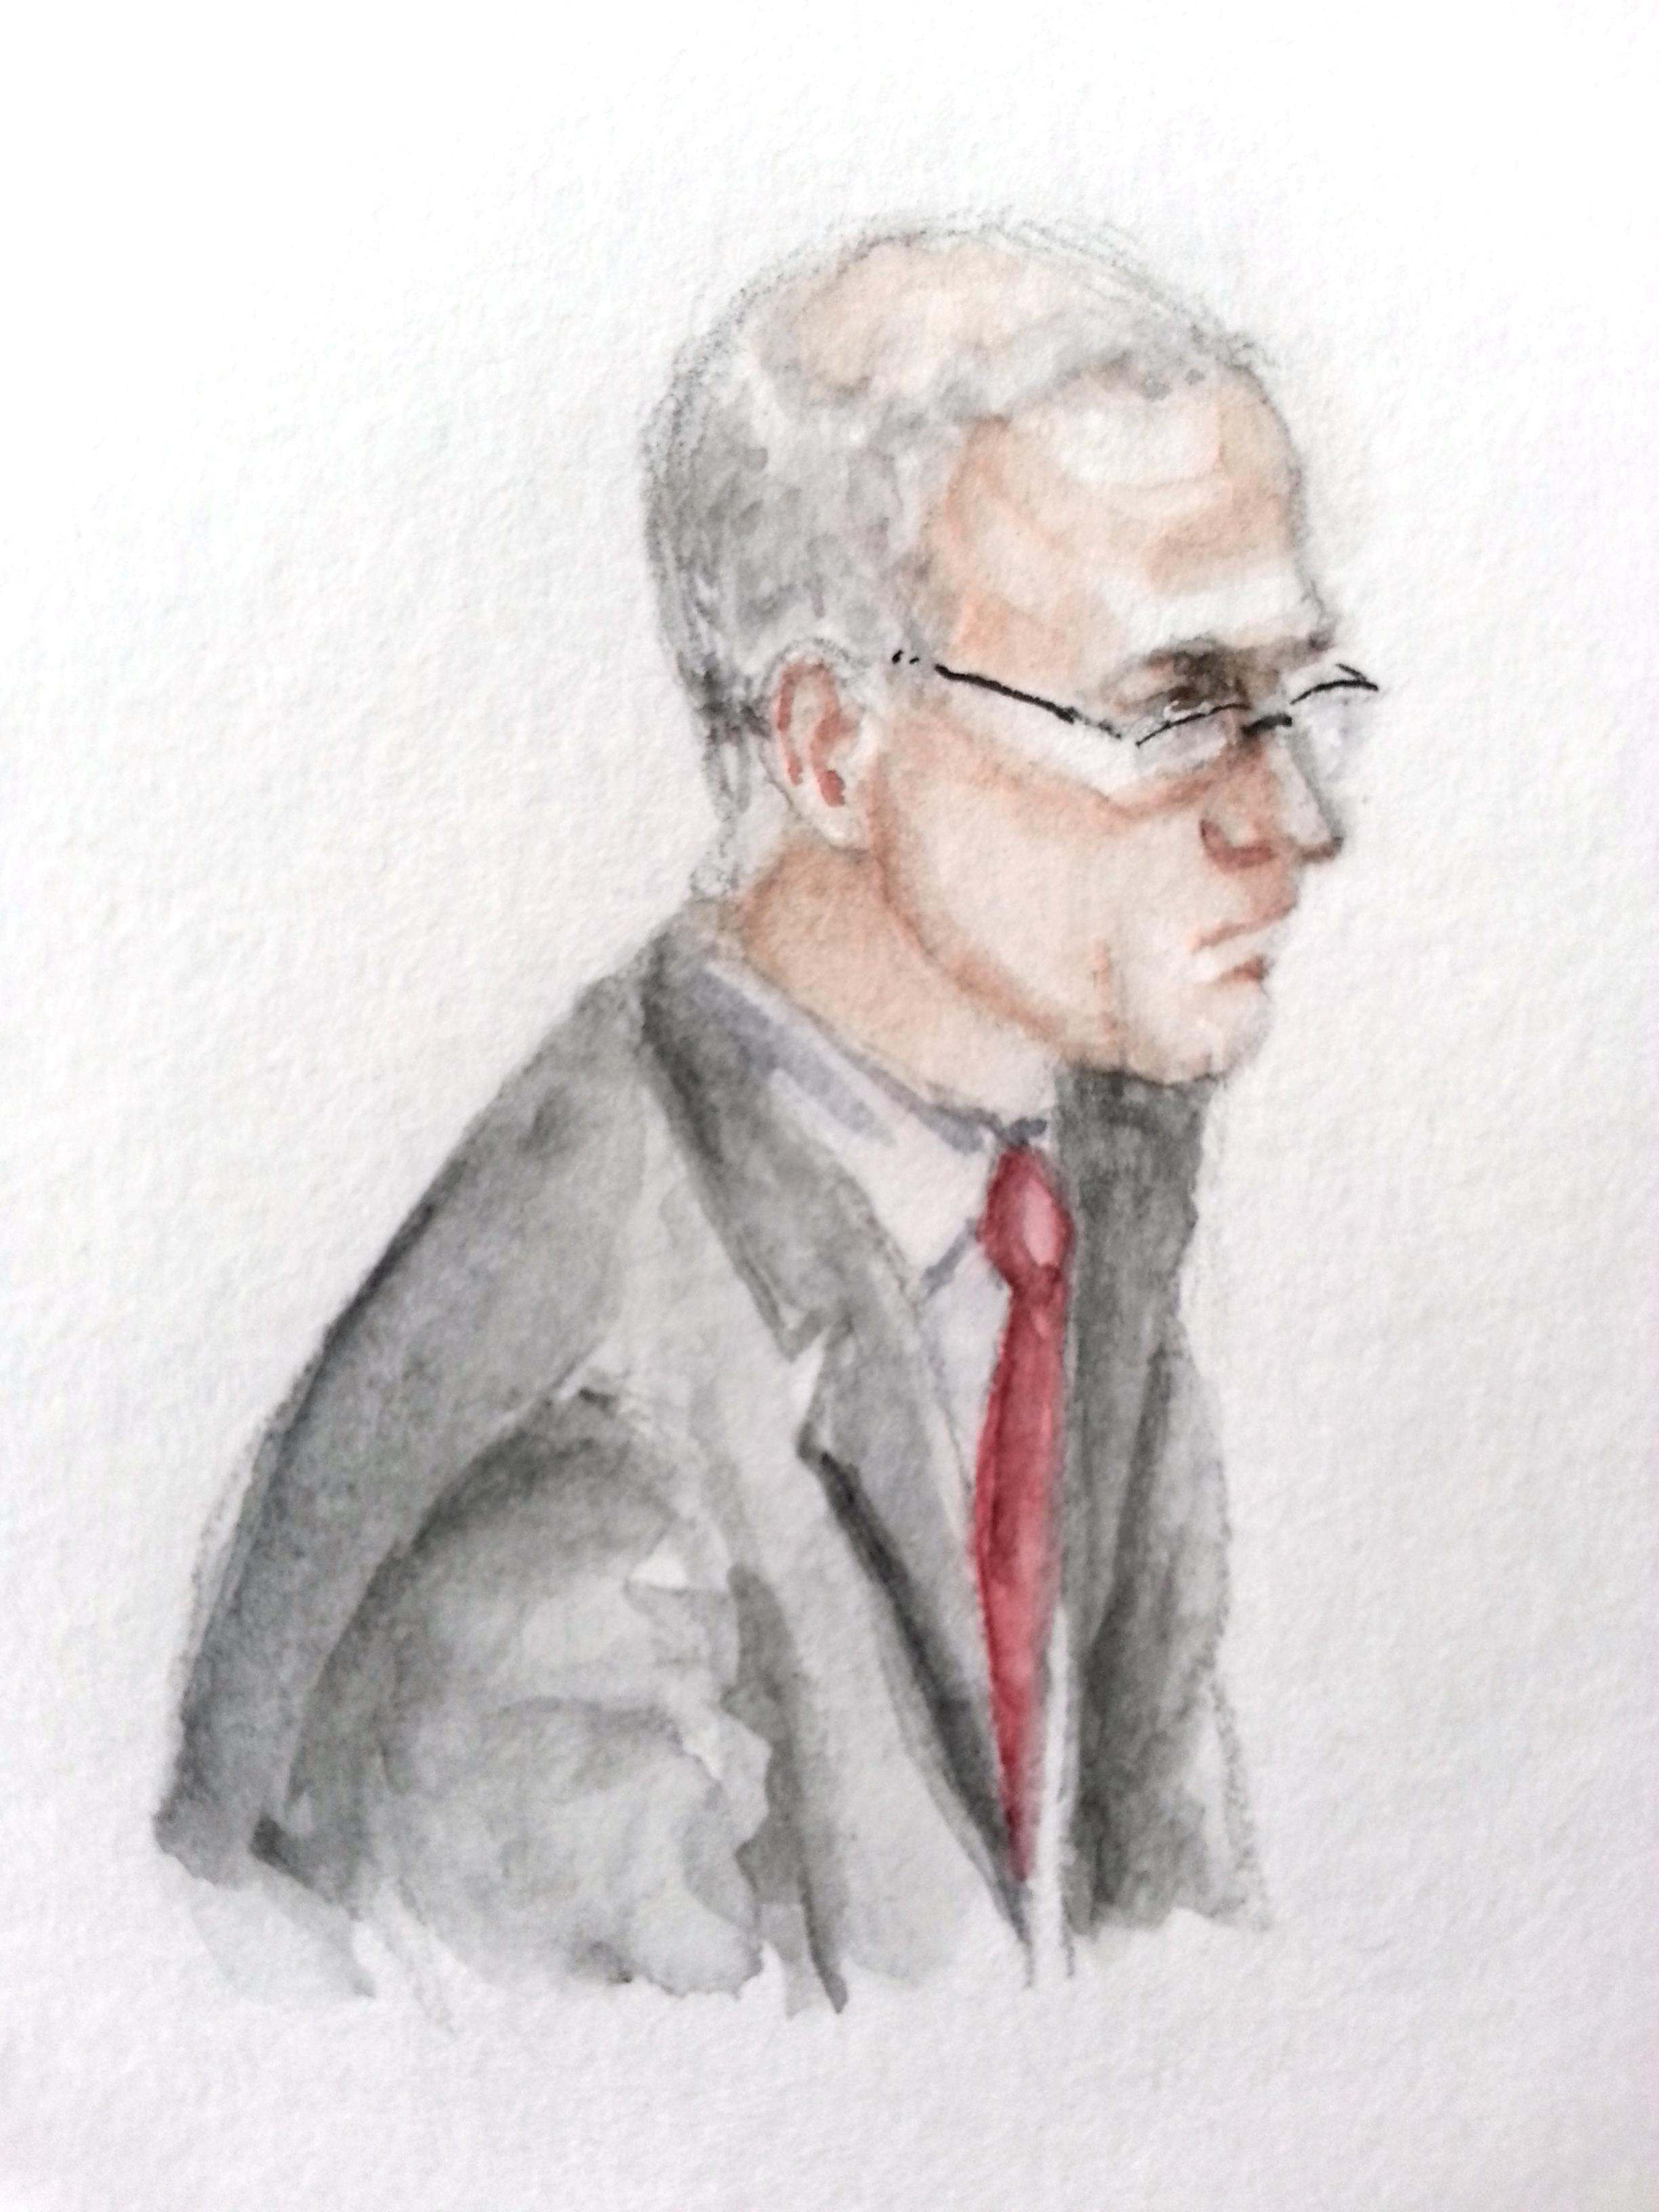 Zeuge Werner Ader bei seiner Anhörung. Zeichnung: Stella Schiffczyk